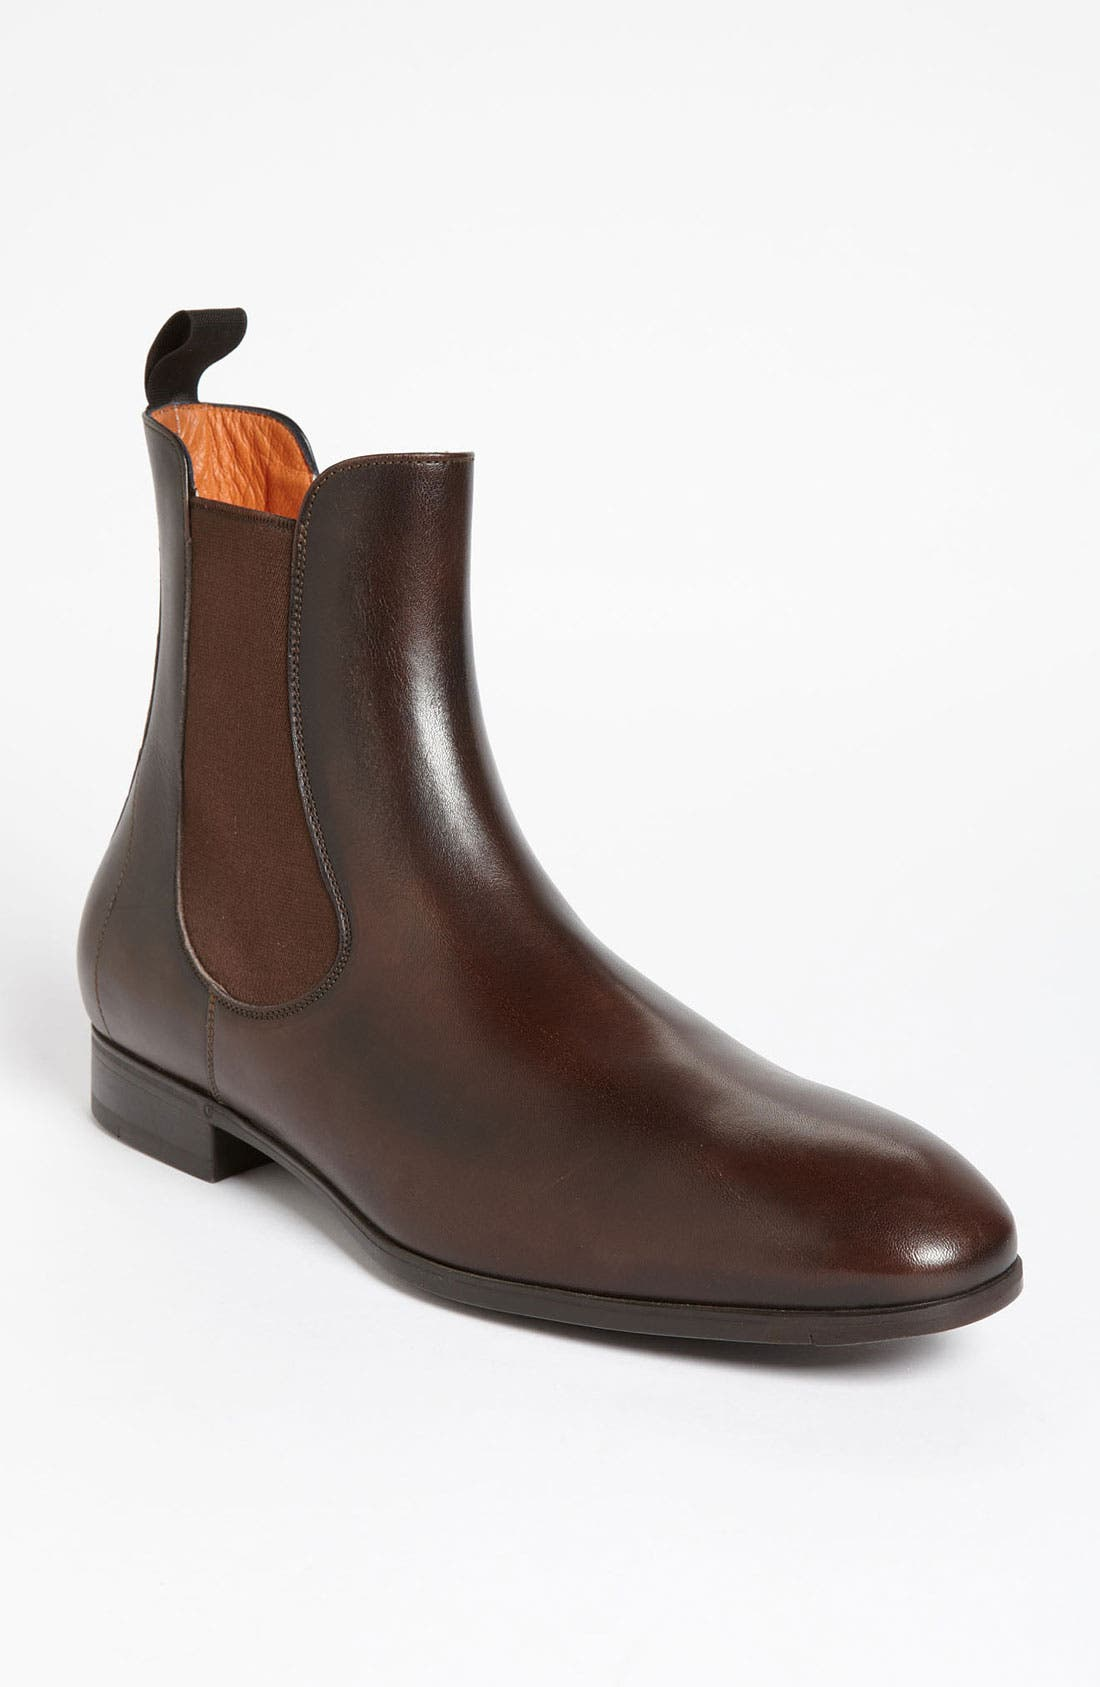 Main Image - Santoni 'Shipley' Chelsea Boot